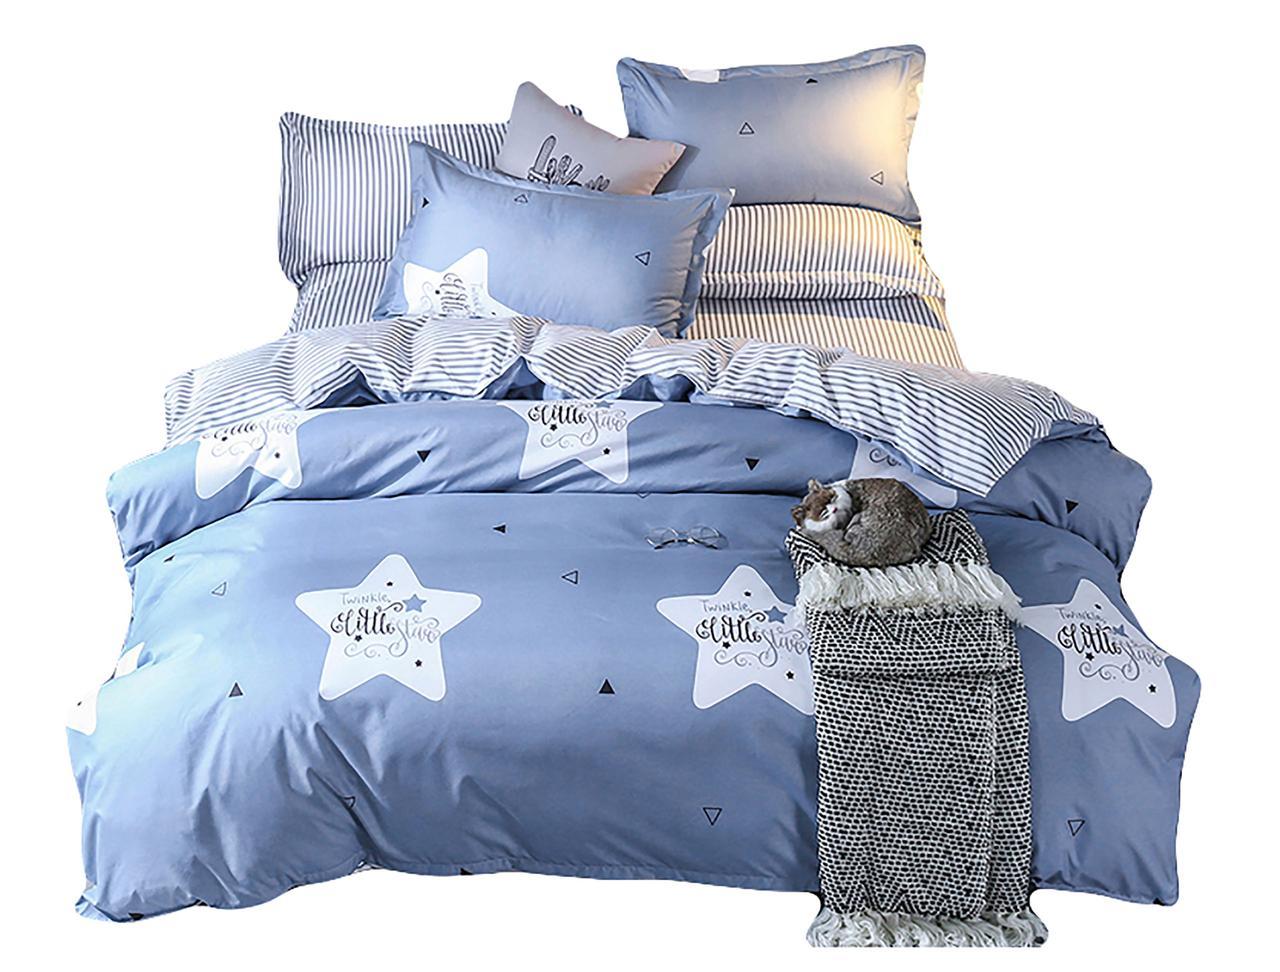 Комплект постельного белья Хлопковый Молодежный 075 M&M 5880 Синий, Белый